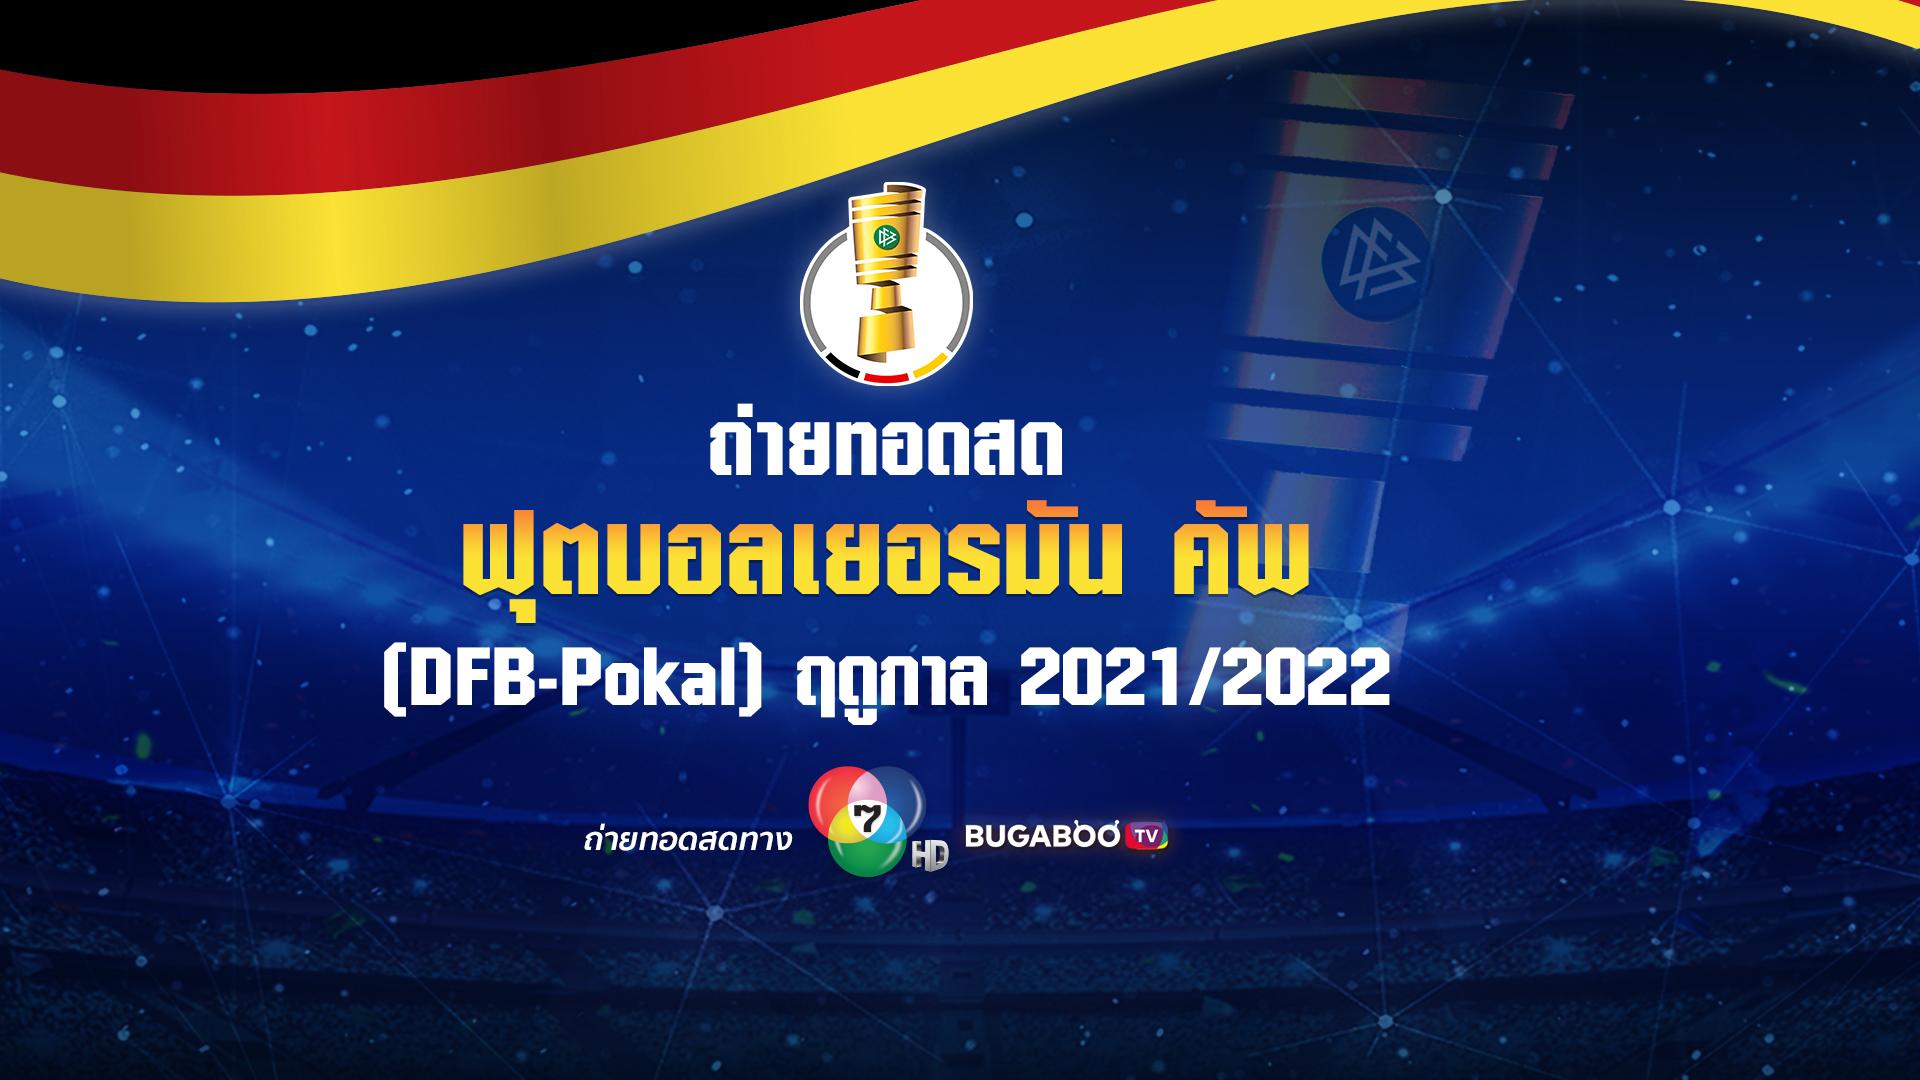 ถ่ายทอดสดฟุตบอลเยอรมันคัพ ฤดูกาล 2021/2022